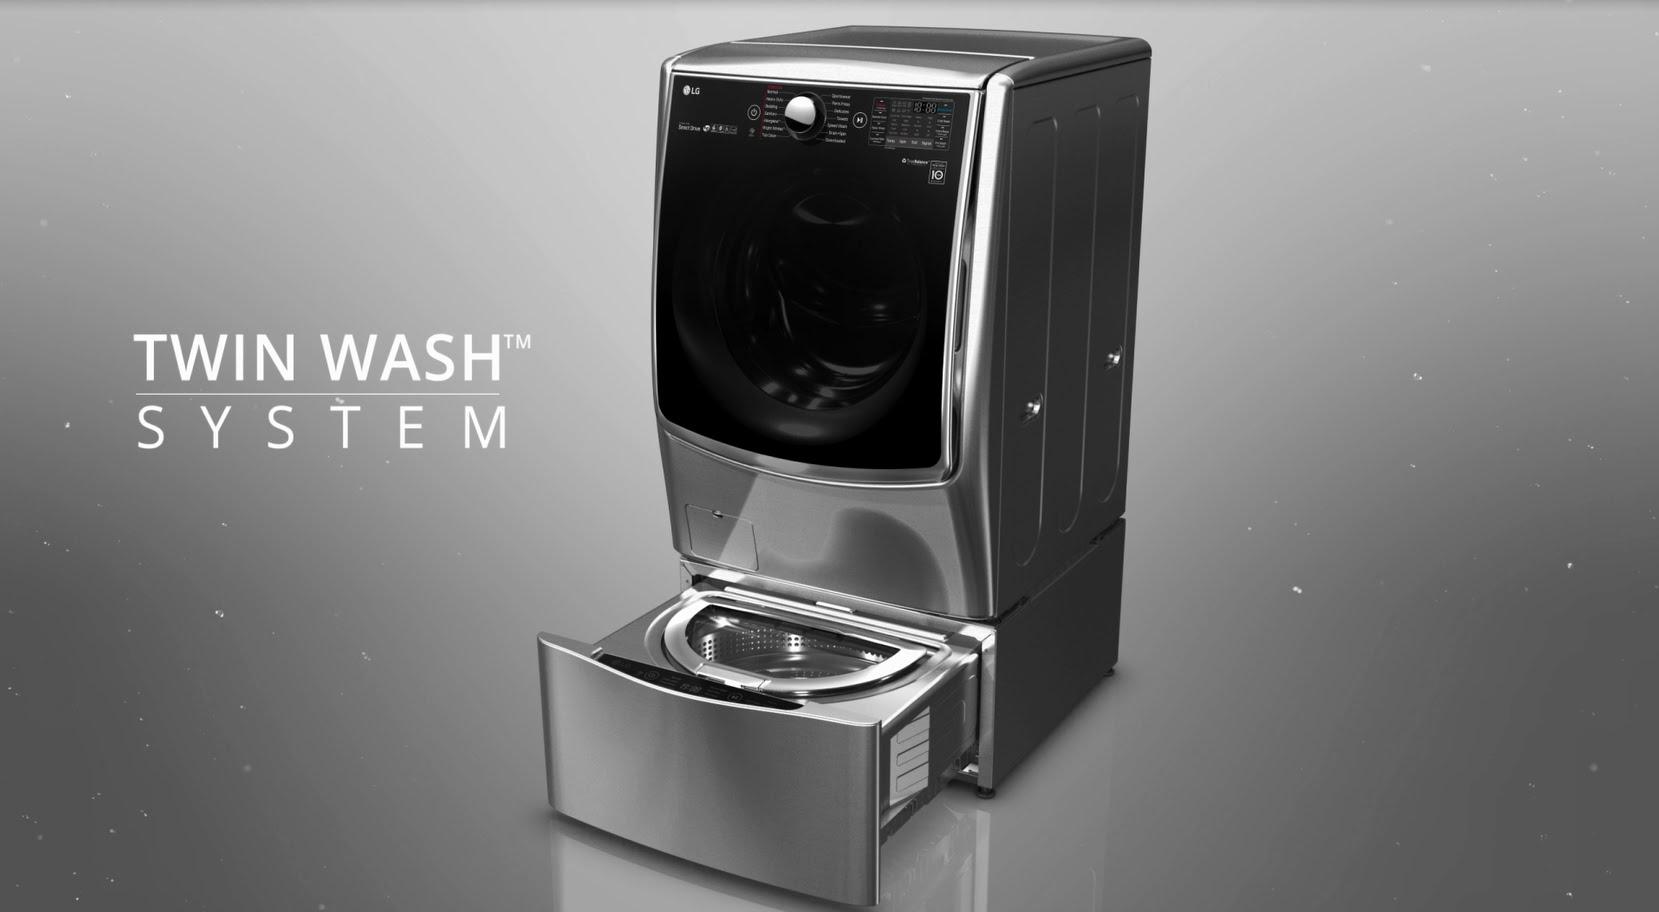 فناوری جدید در ماشین لباسشویی Twinwash  ال جی